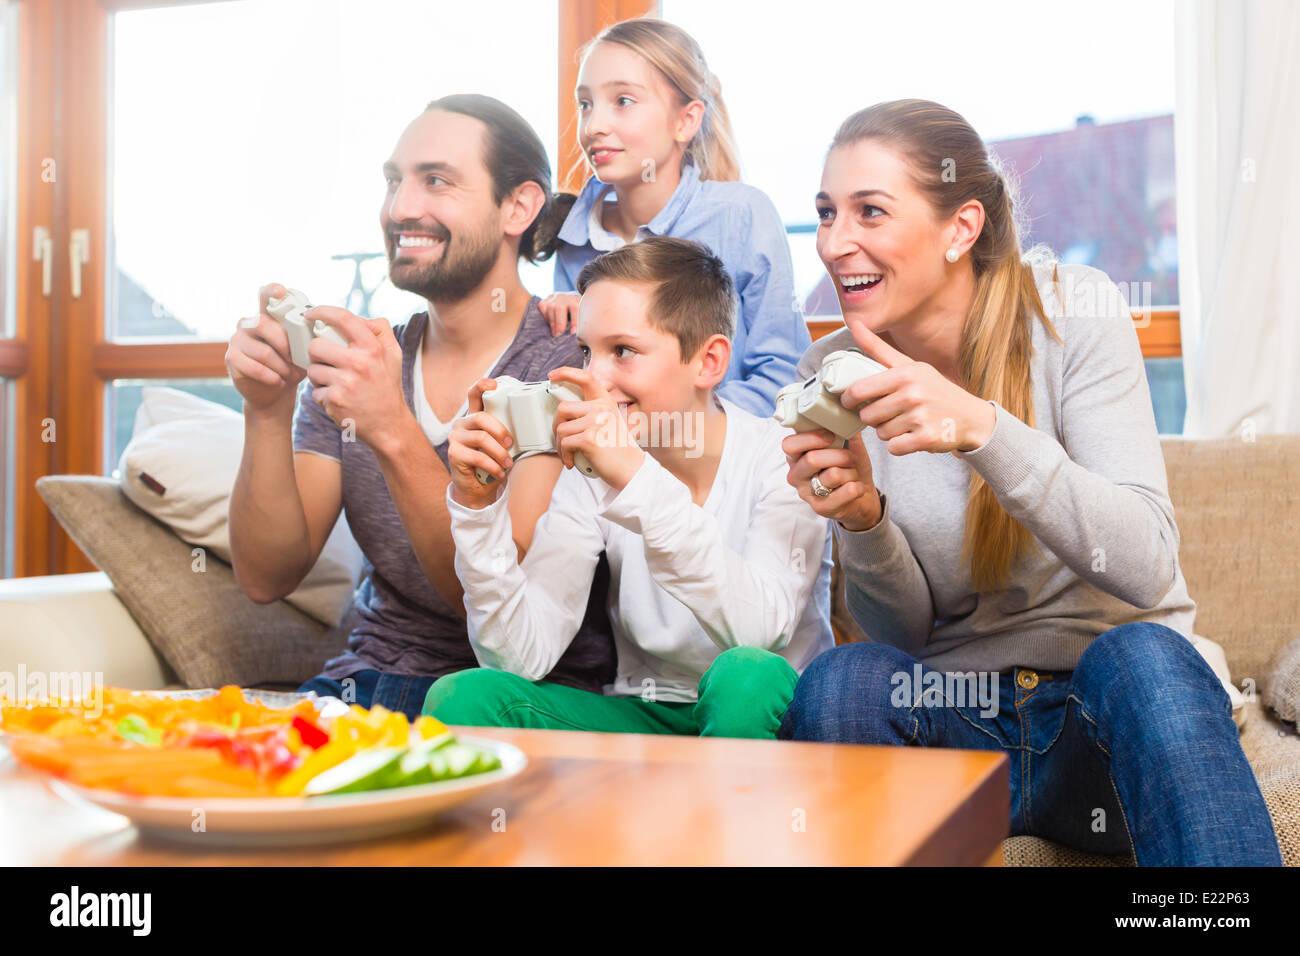 Familie Freizeit zusammen und spielen mit Videospiel-Konsole Stockbild